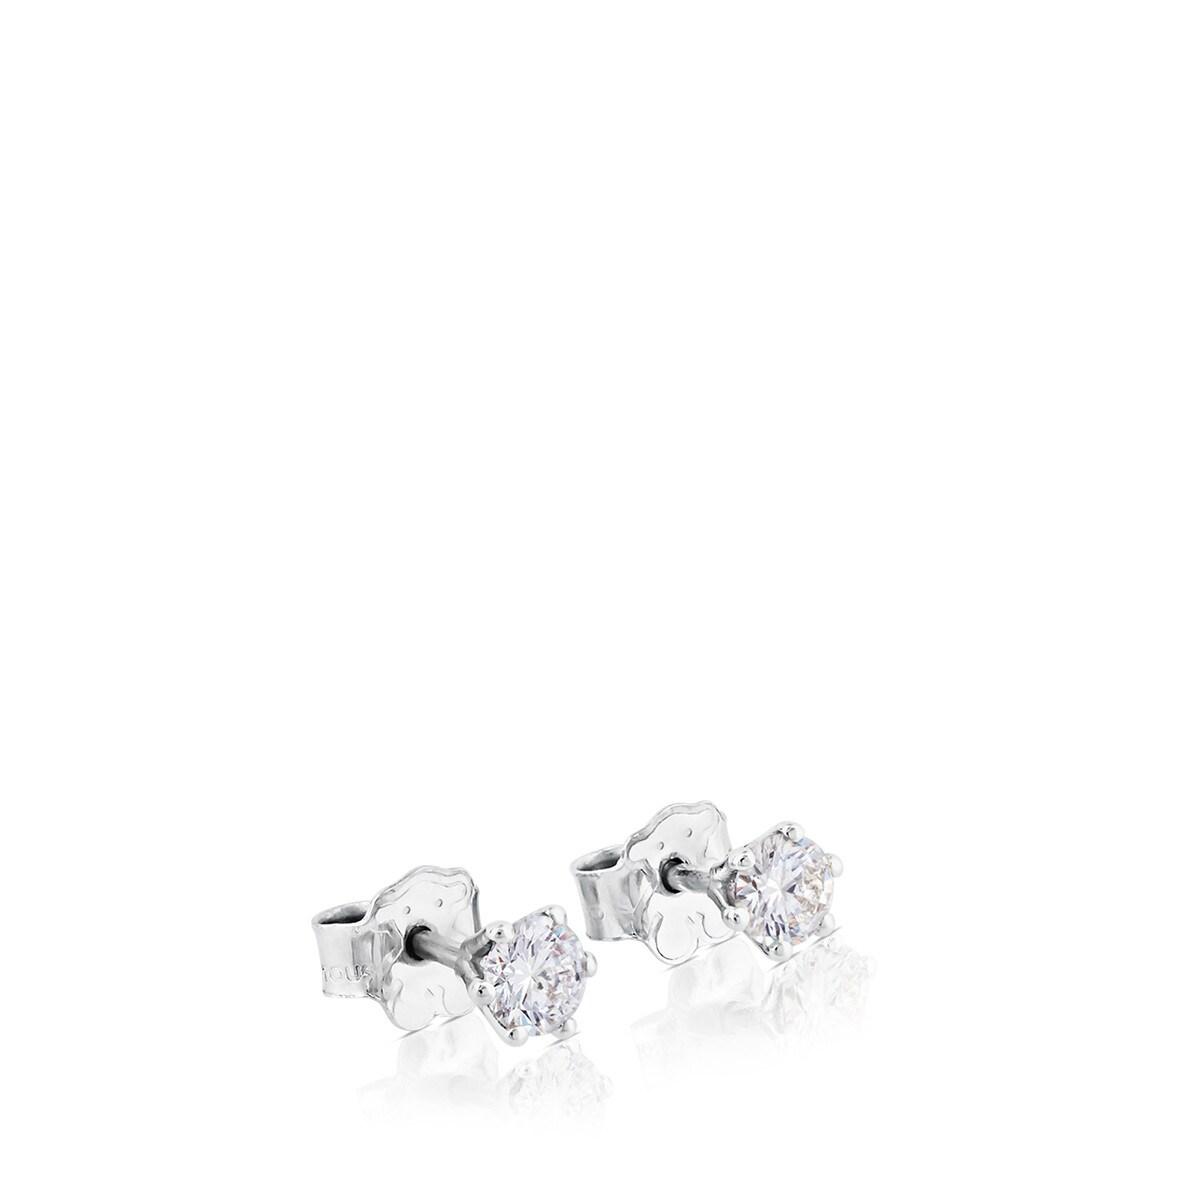 c75ba318d54b Pendientes TOUS Diamonds de Oro blanco con Diamantes - Sitio web ...